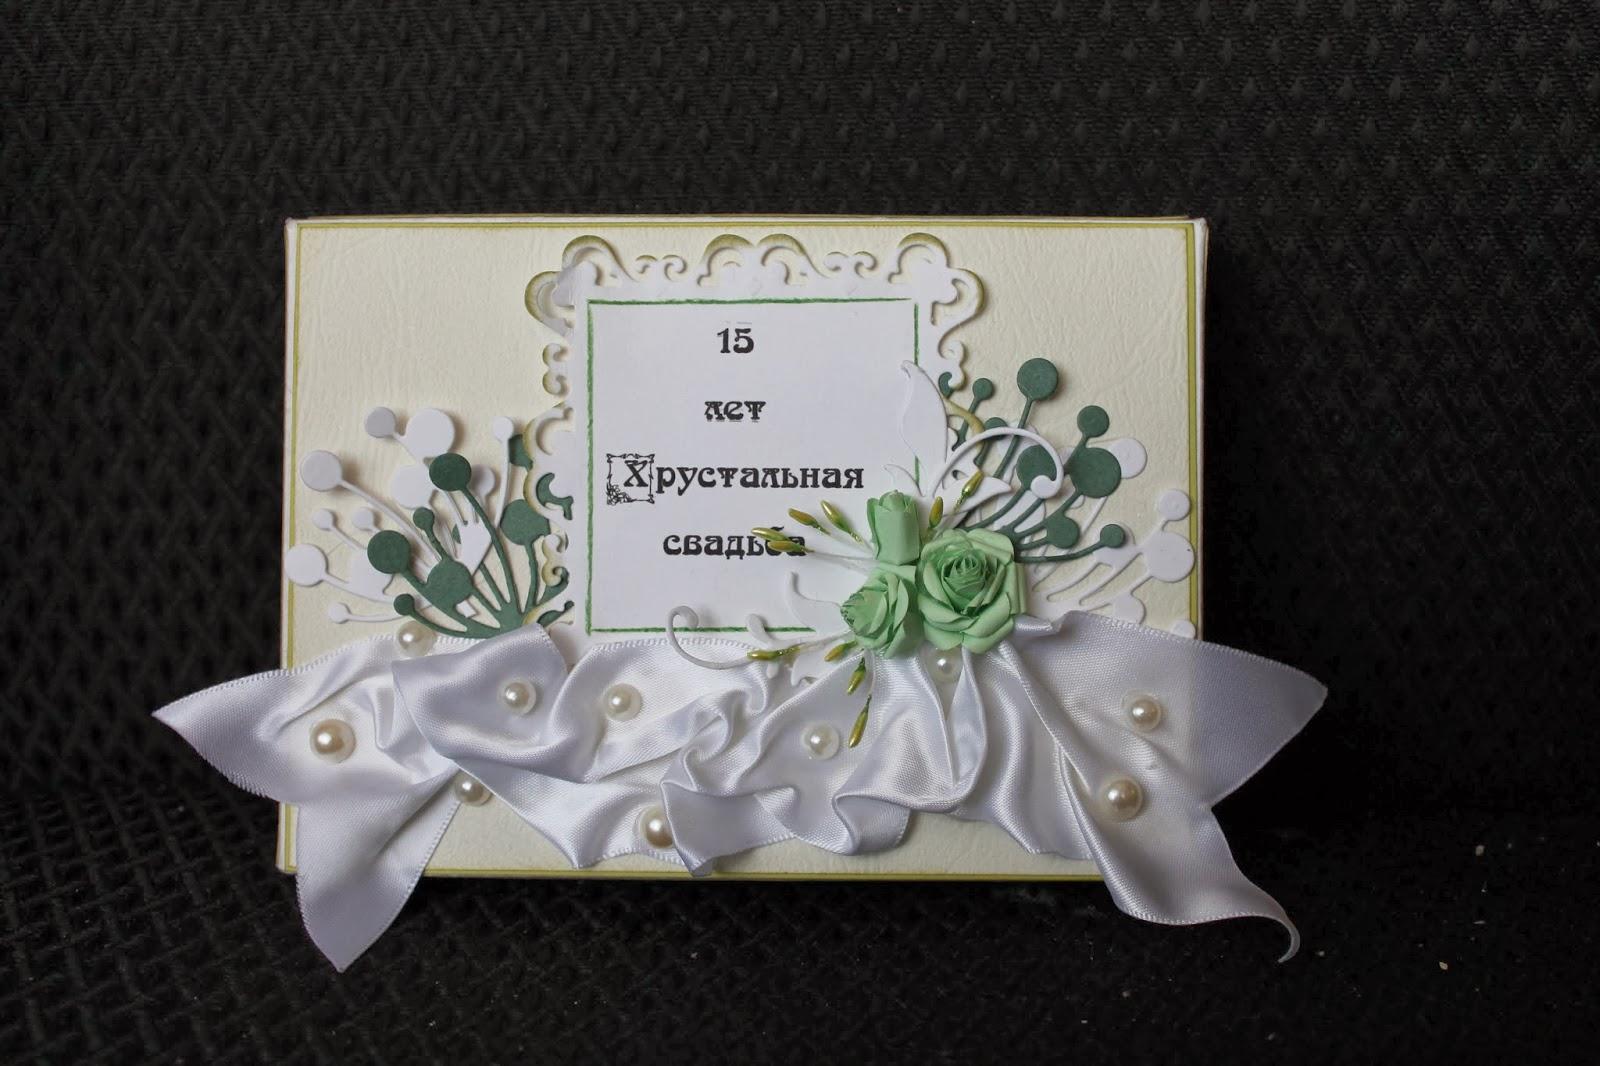 Подарок родителям на хрустальную свадьбу своими руками